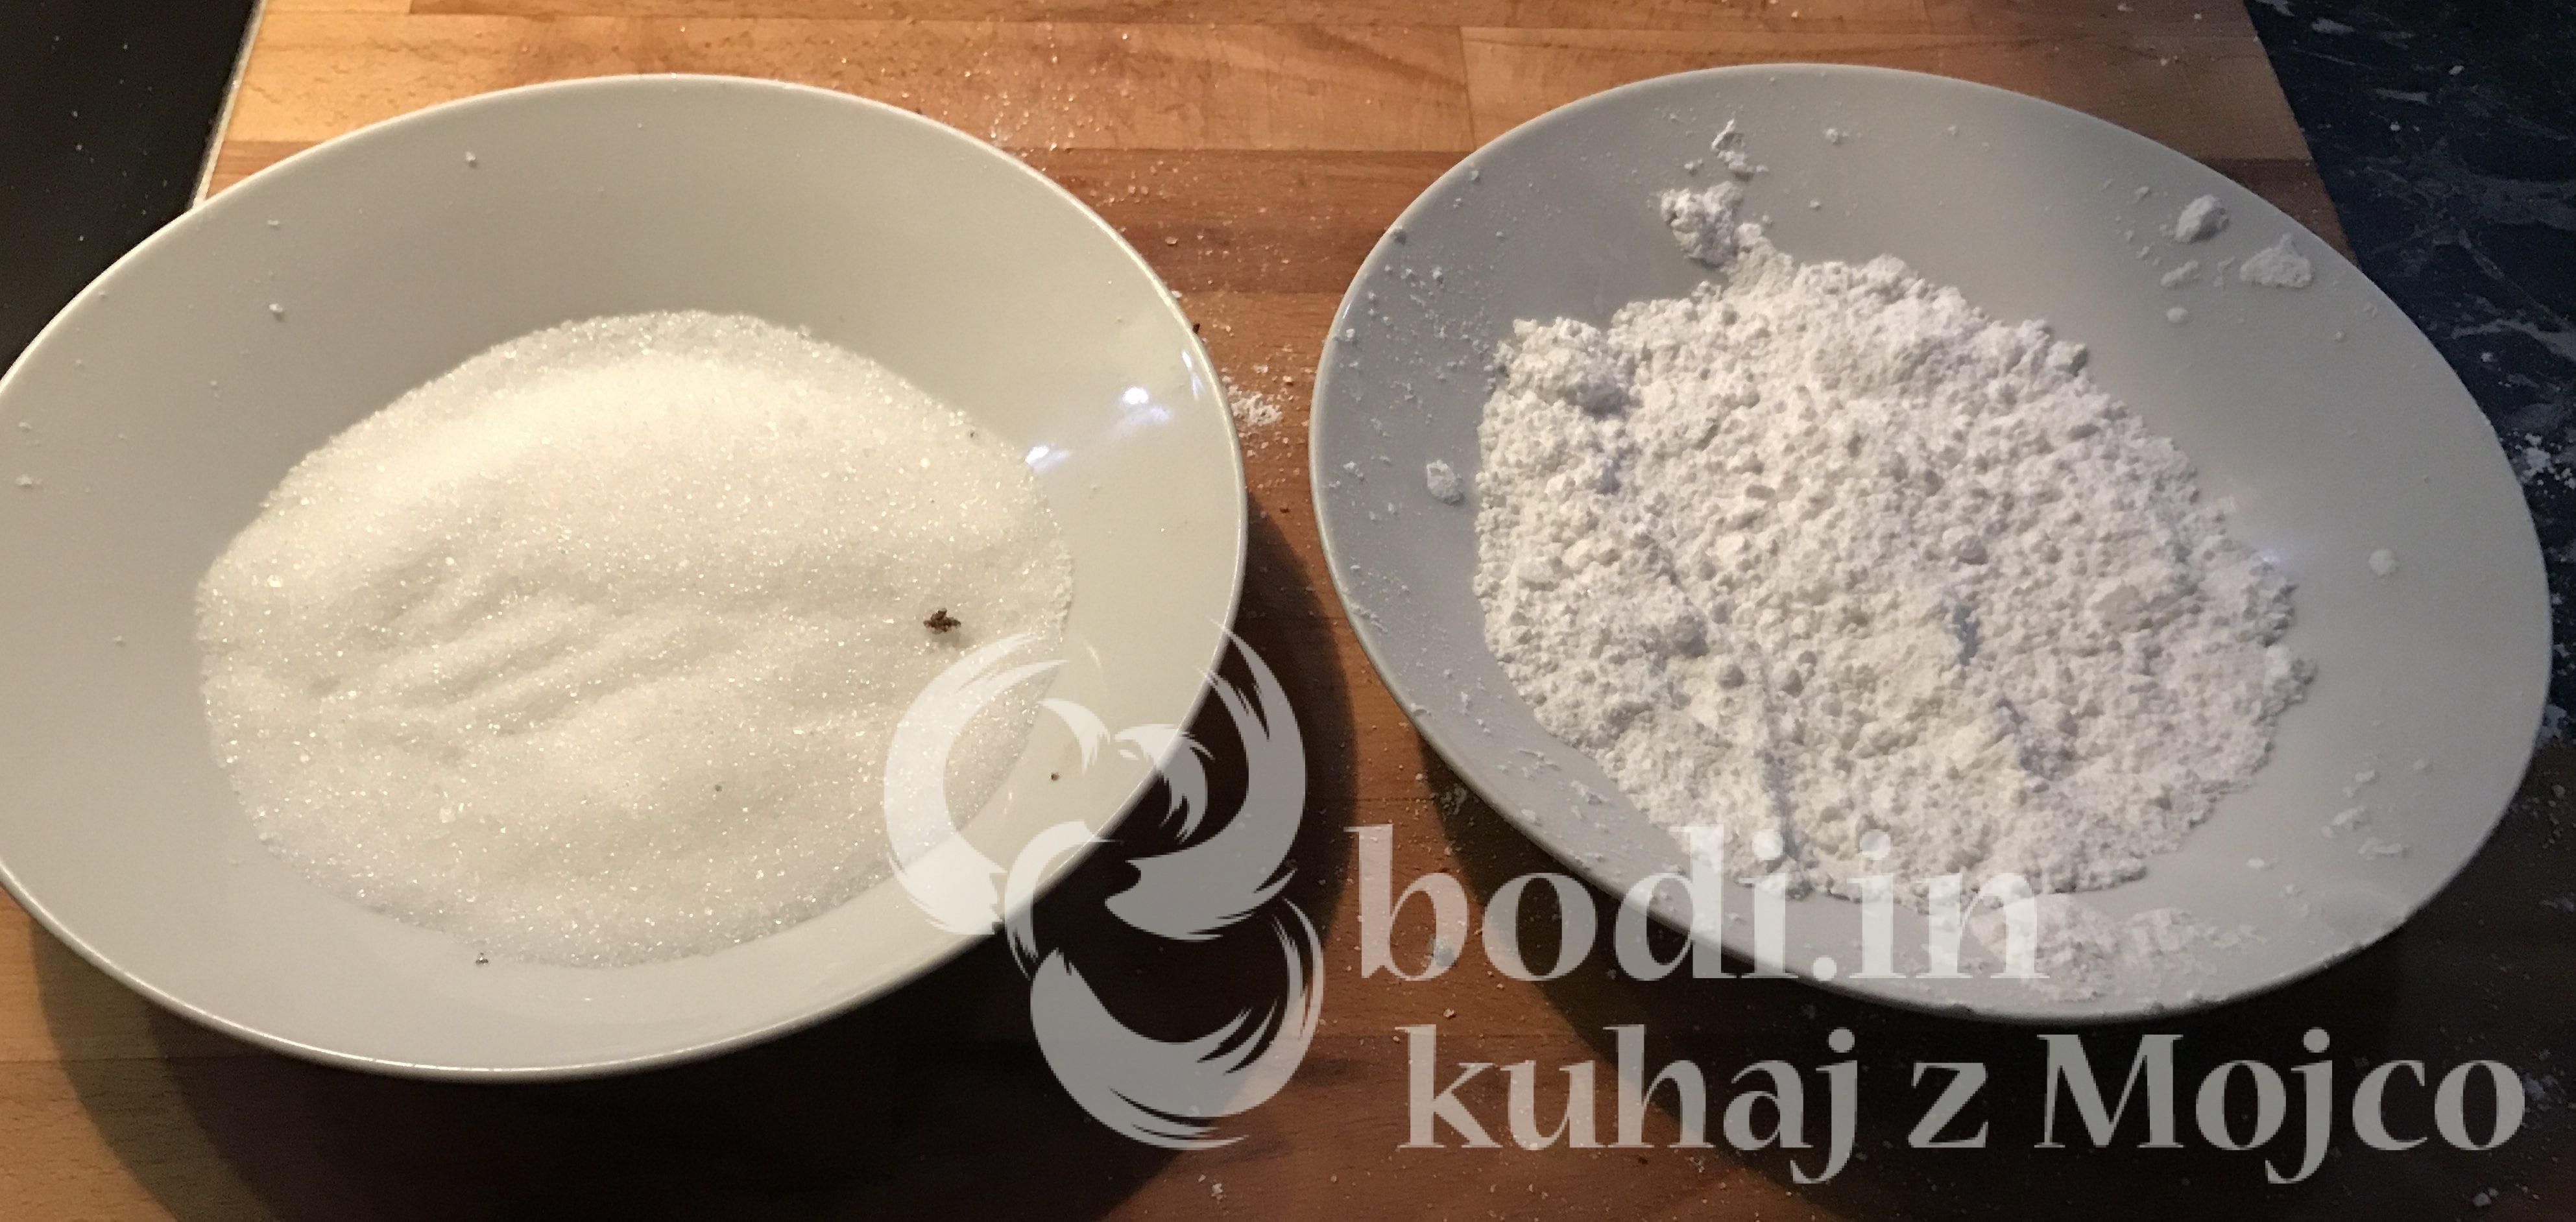 Pripravimo oba sladkorja